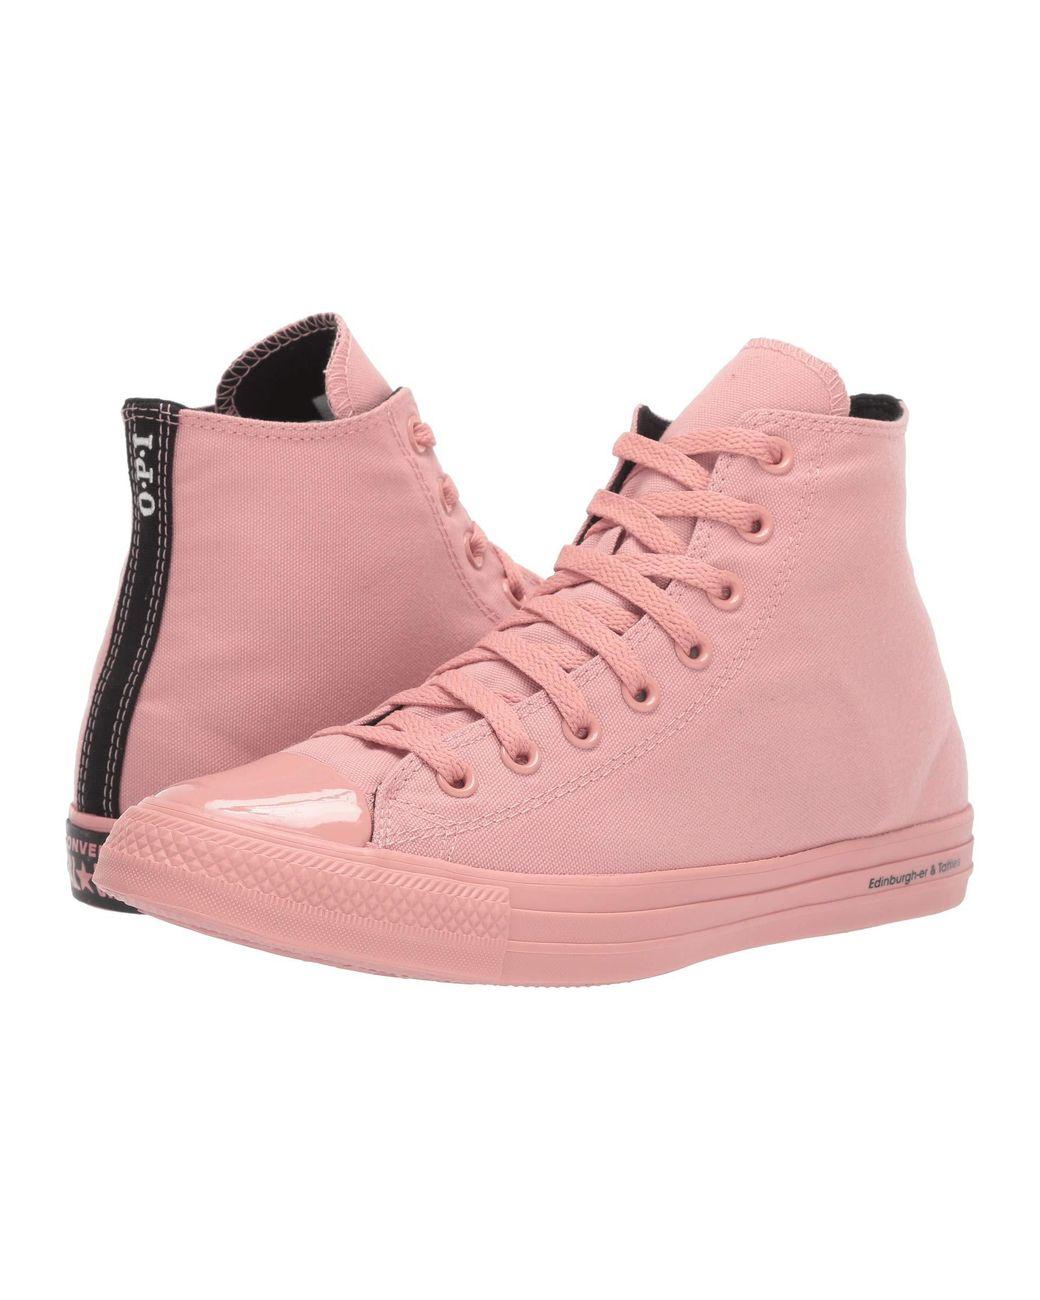 Women's Pink Chuck Taylor All Star Opi Nail Polish Hi